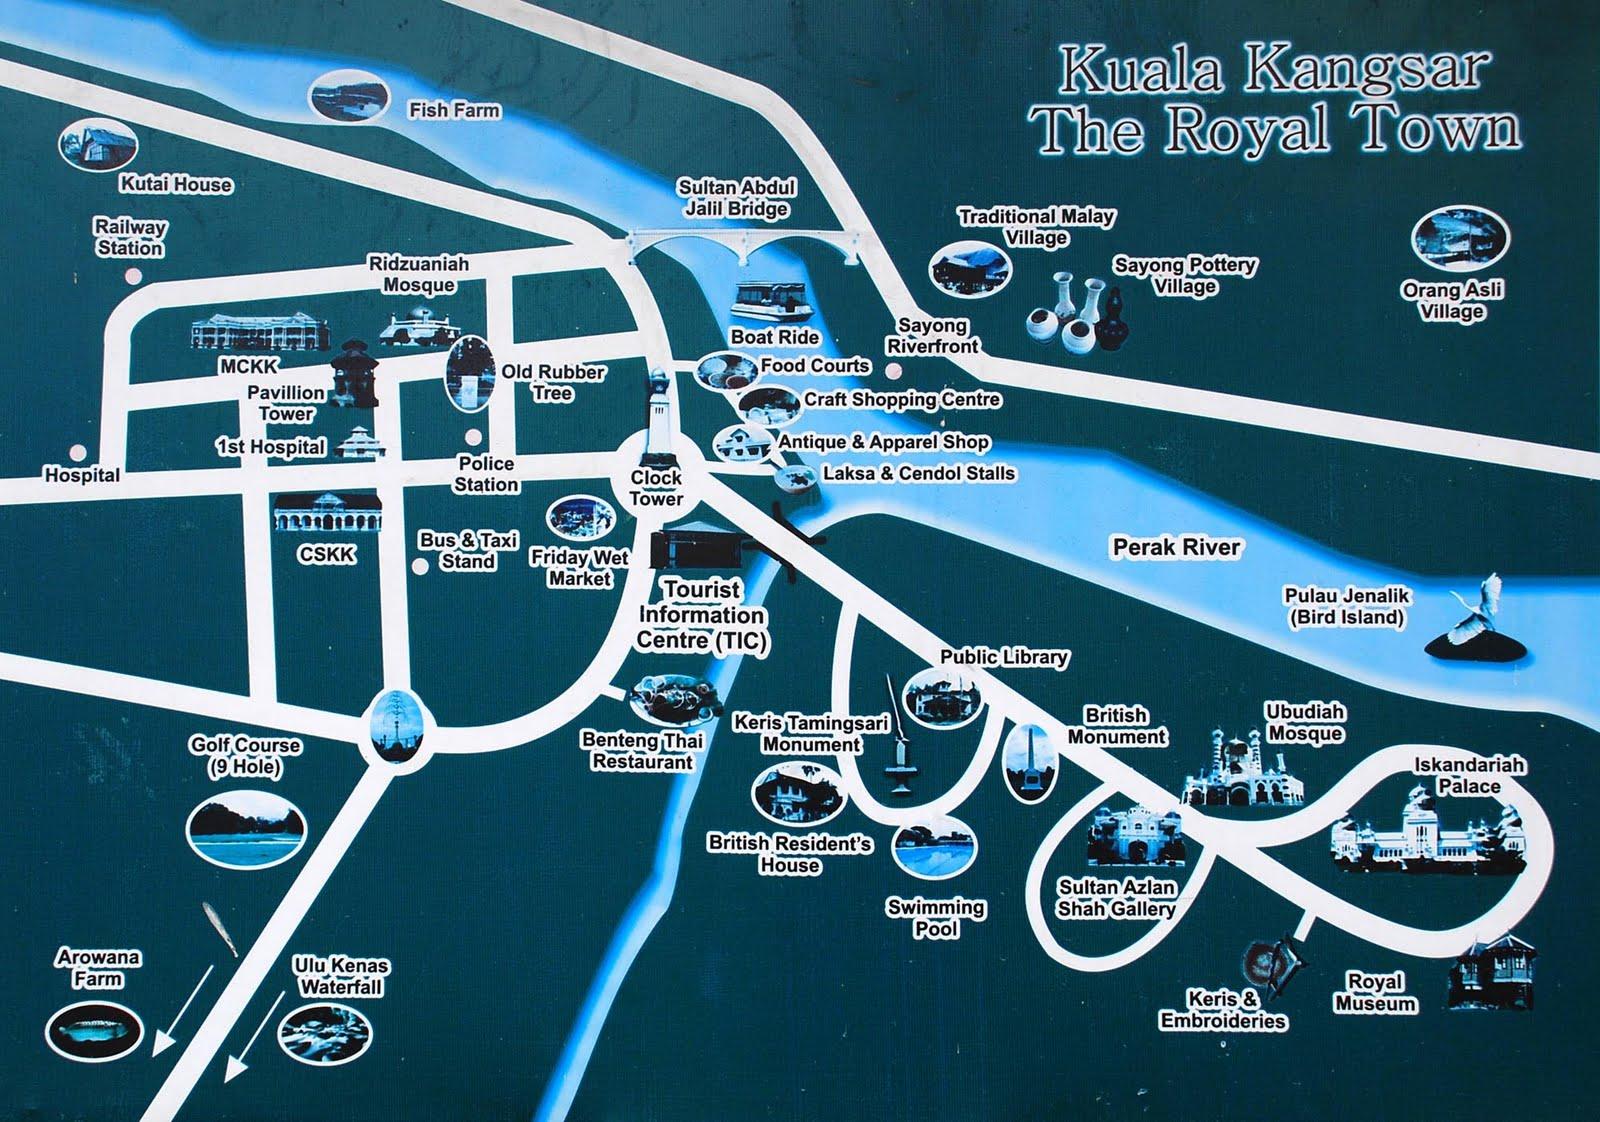 kuala kangsar muslim Masjid ubudiah,ubudiah mosque kuala kangsar, ubudiah islamic centre kuala kangsar,masjid ubudiah,perak's royal mosque ubudiah mosque in kuala kangsar - malaysia.